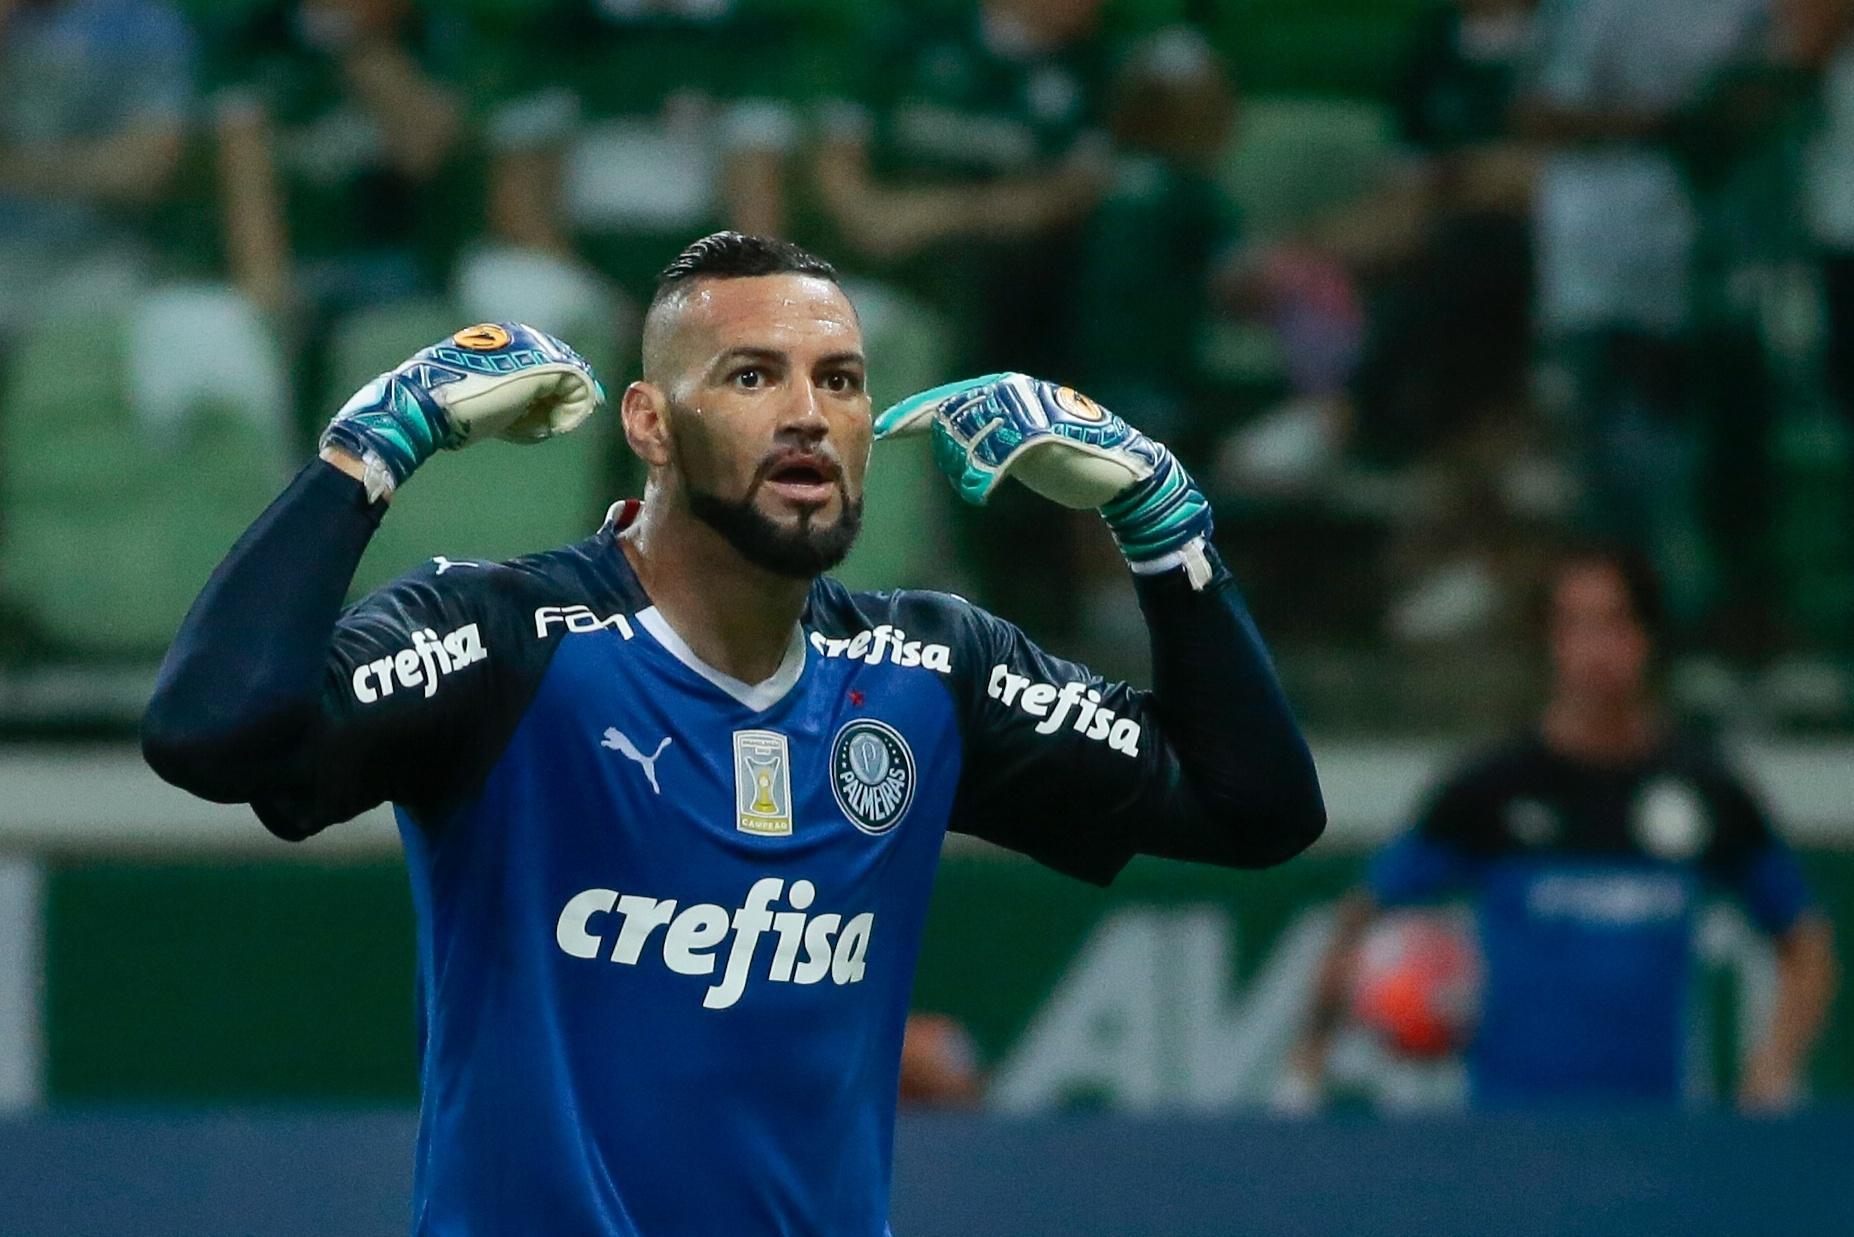 Palmeiras x Santos  Palmeirenses cobram expulsão e santistas pedem pênalti  no Allianz Parque 321f66b37938f